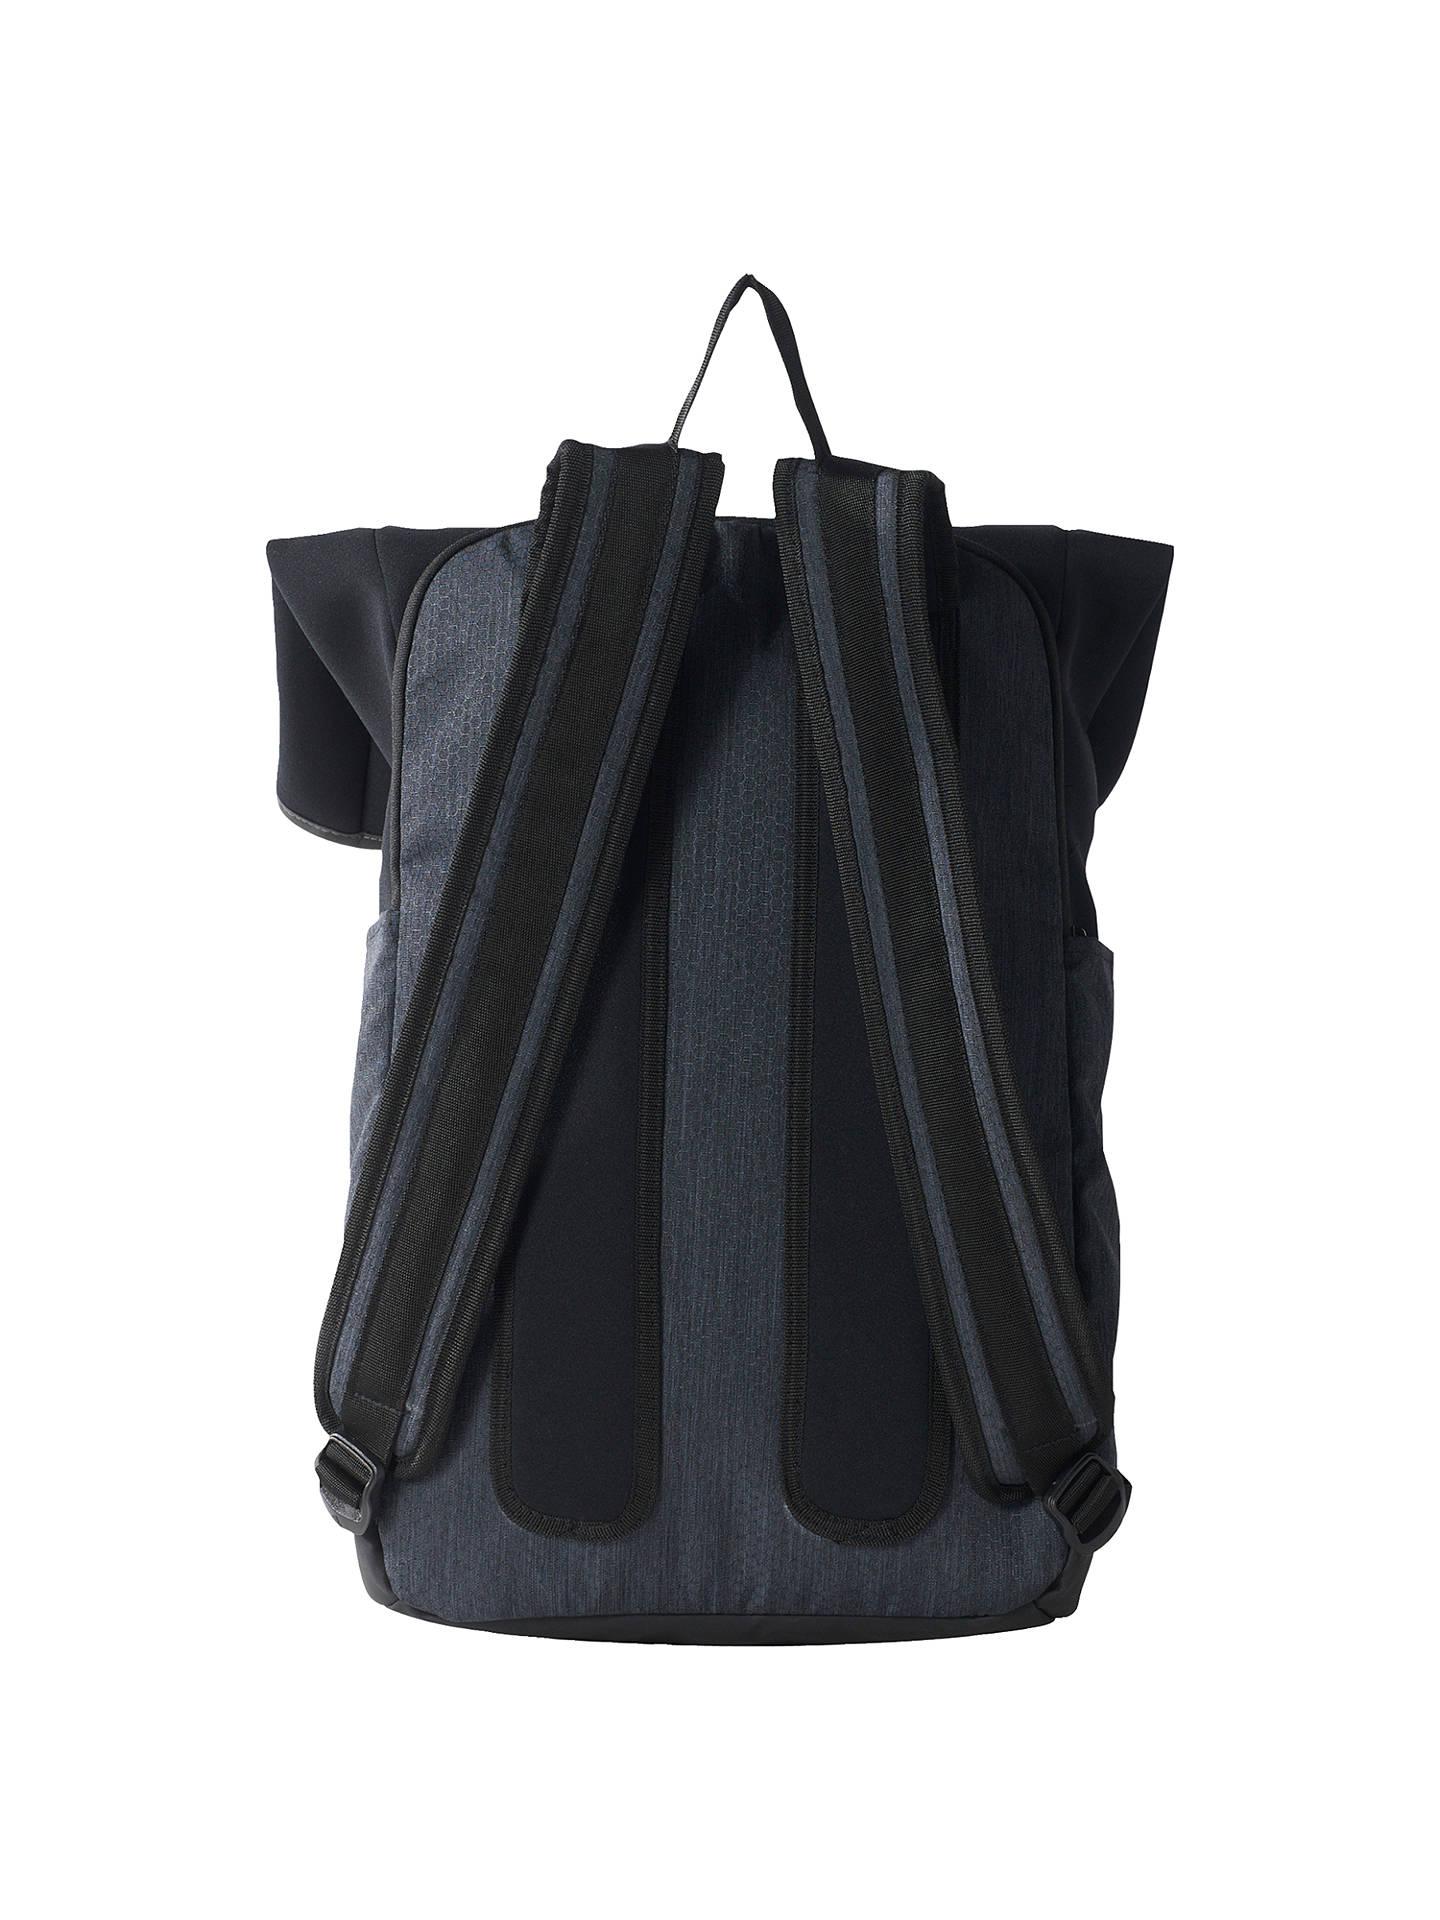 185fd835902 ... Buy adidas Best Backpack Bag, Black Online at johnlewis.com ...